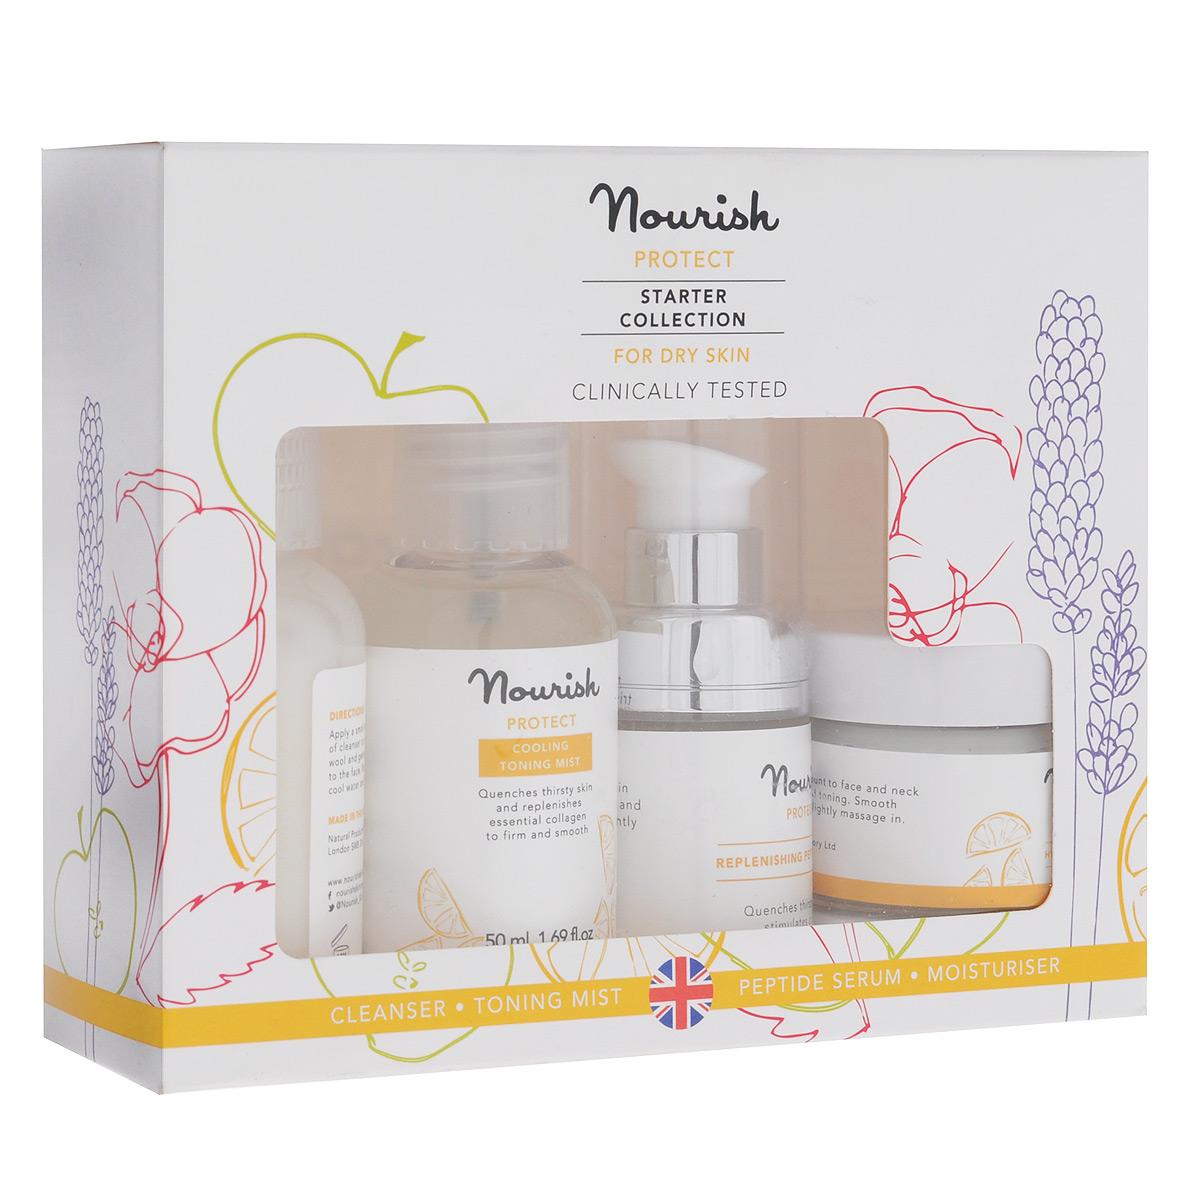 Nourish Набор миниатюр для ухода за лицом Protect, для сухой кожи: молочко, очищающее, тоник-мист, увлажняющий, крем для лица, увлажняющий, сыворотка для лица, питательная